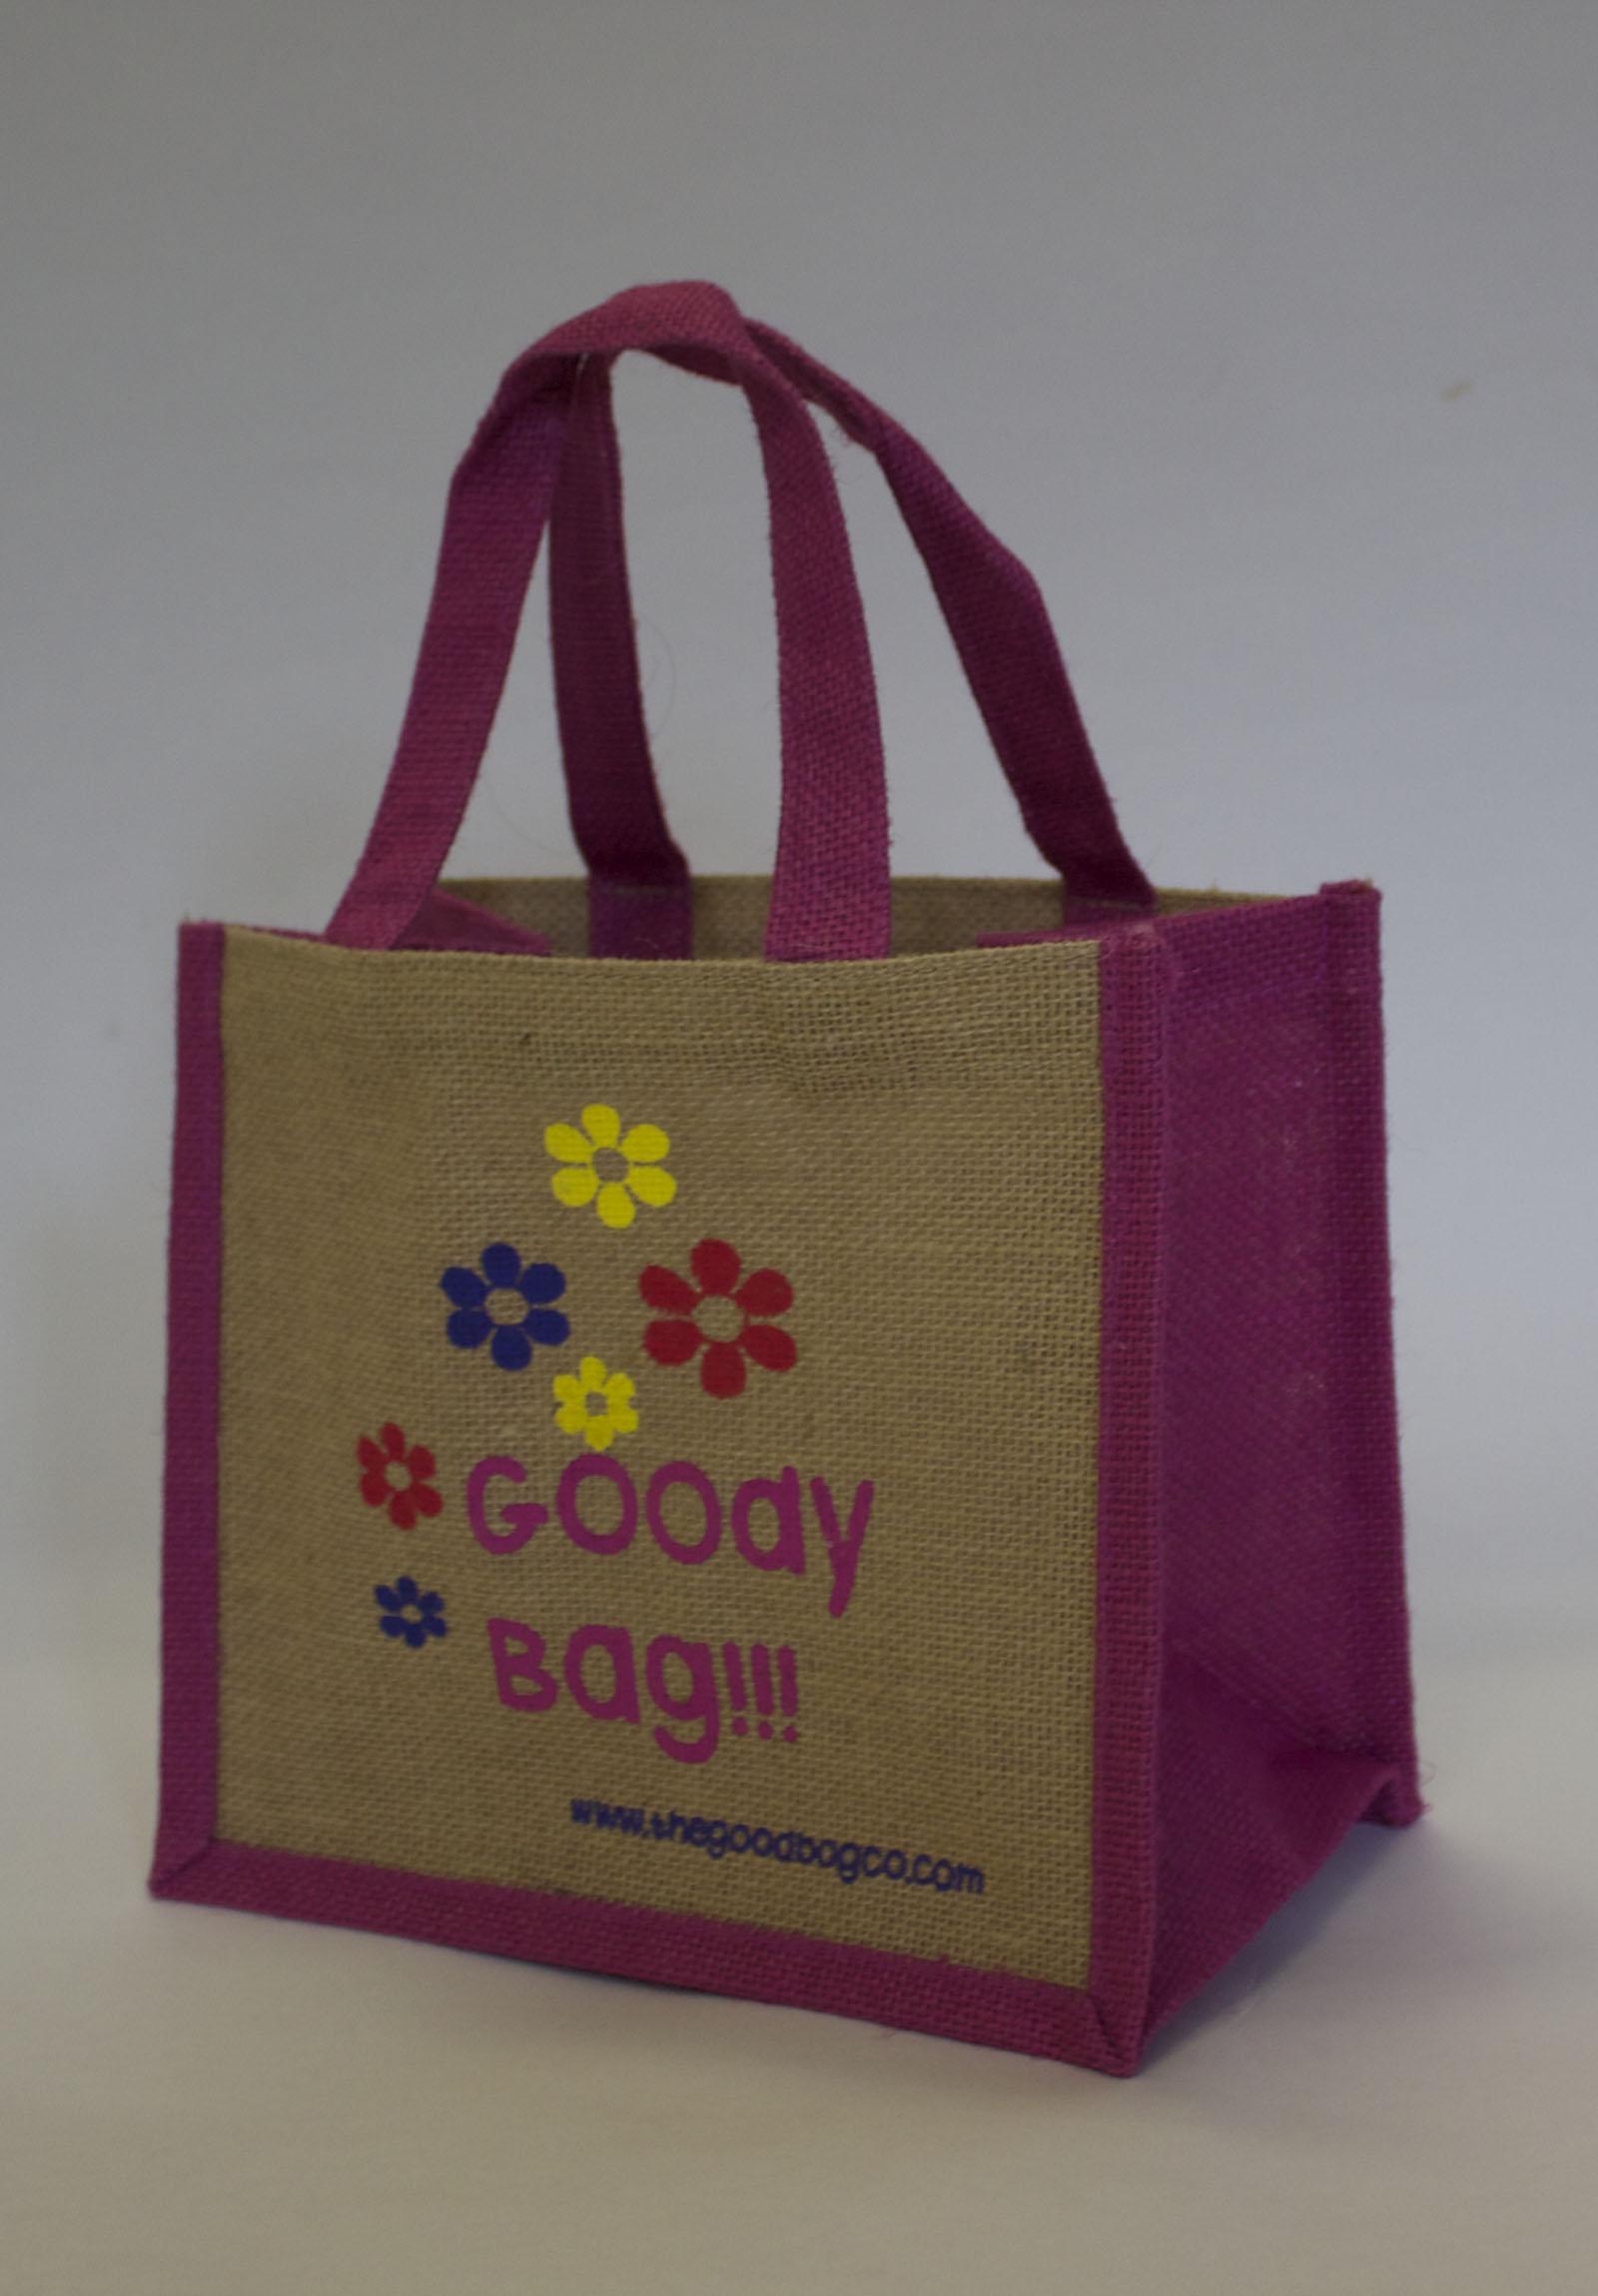 Promosi Sehat Menggunakan Tas Souvenir Yang Ramah Lingkungan